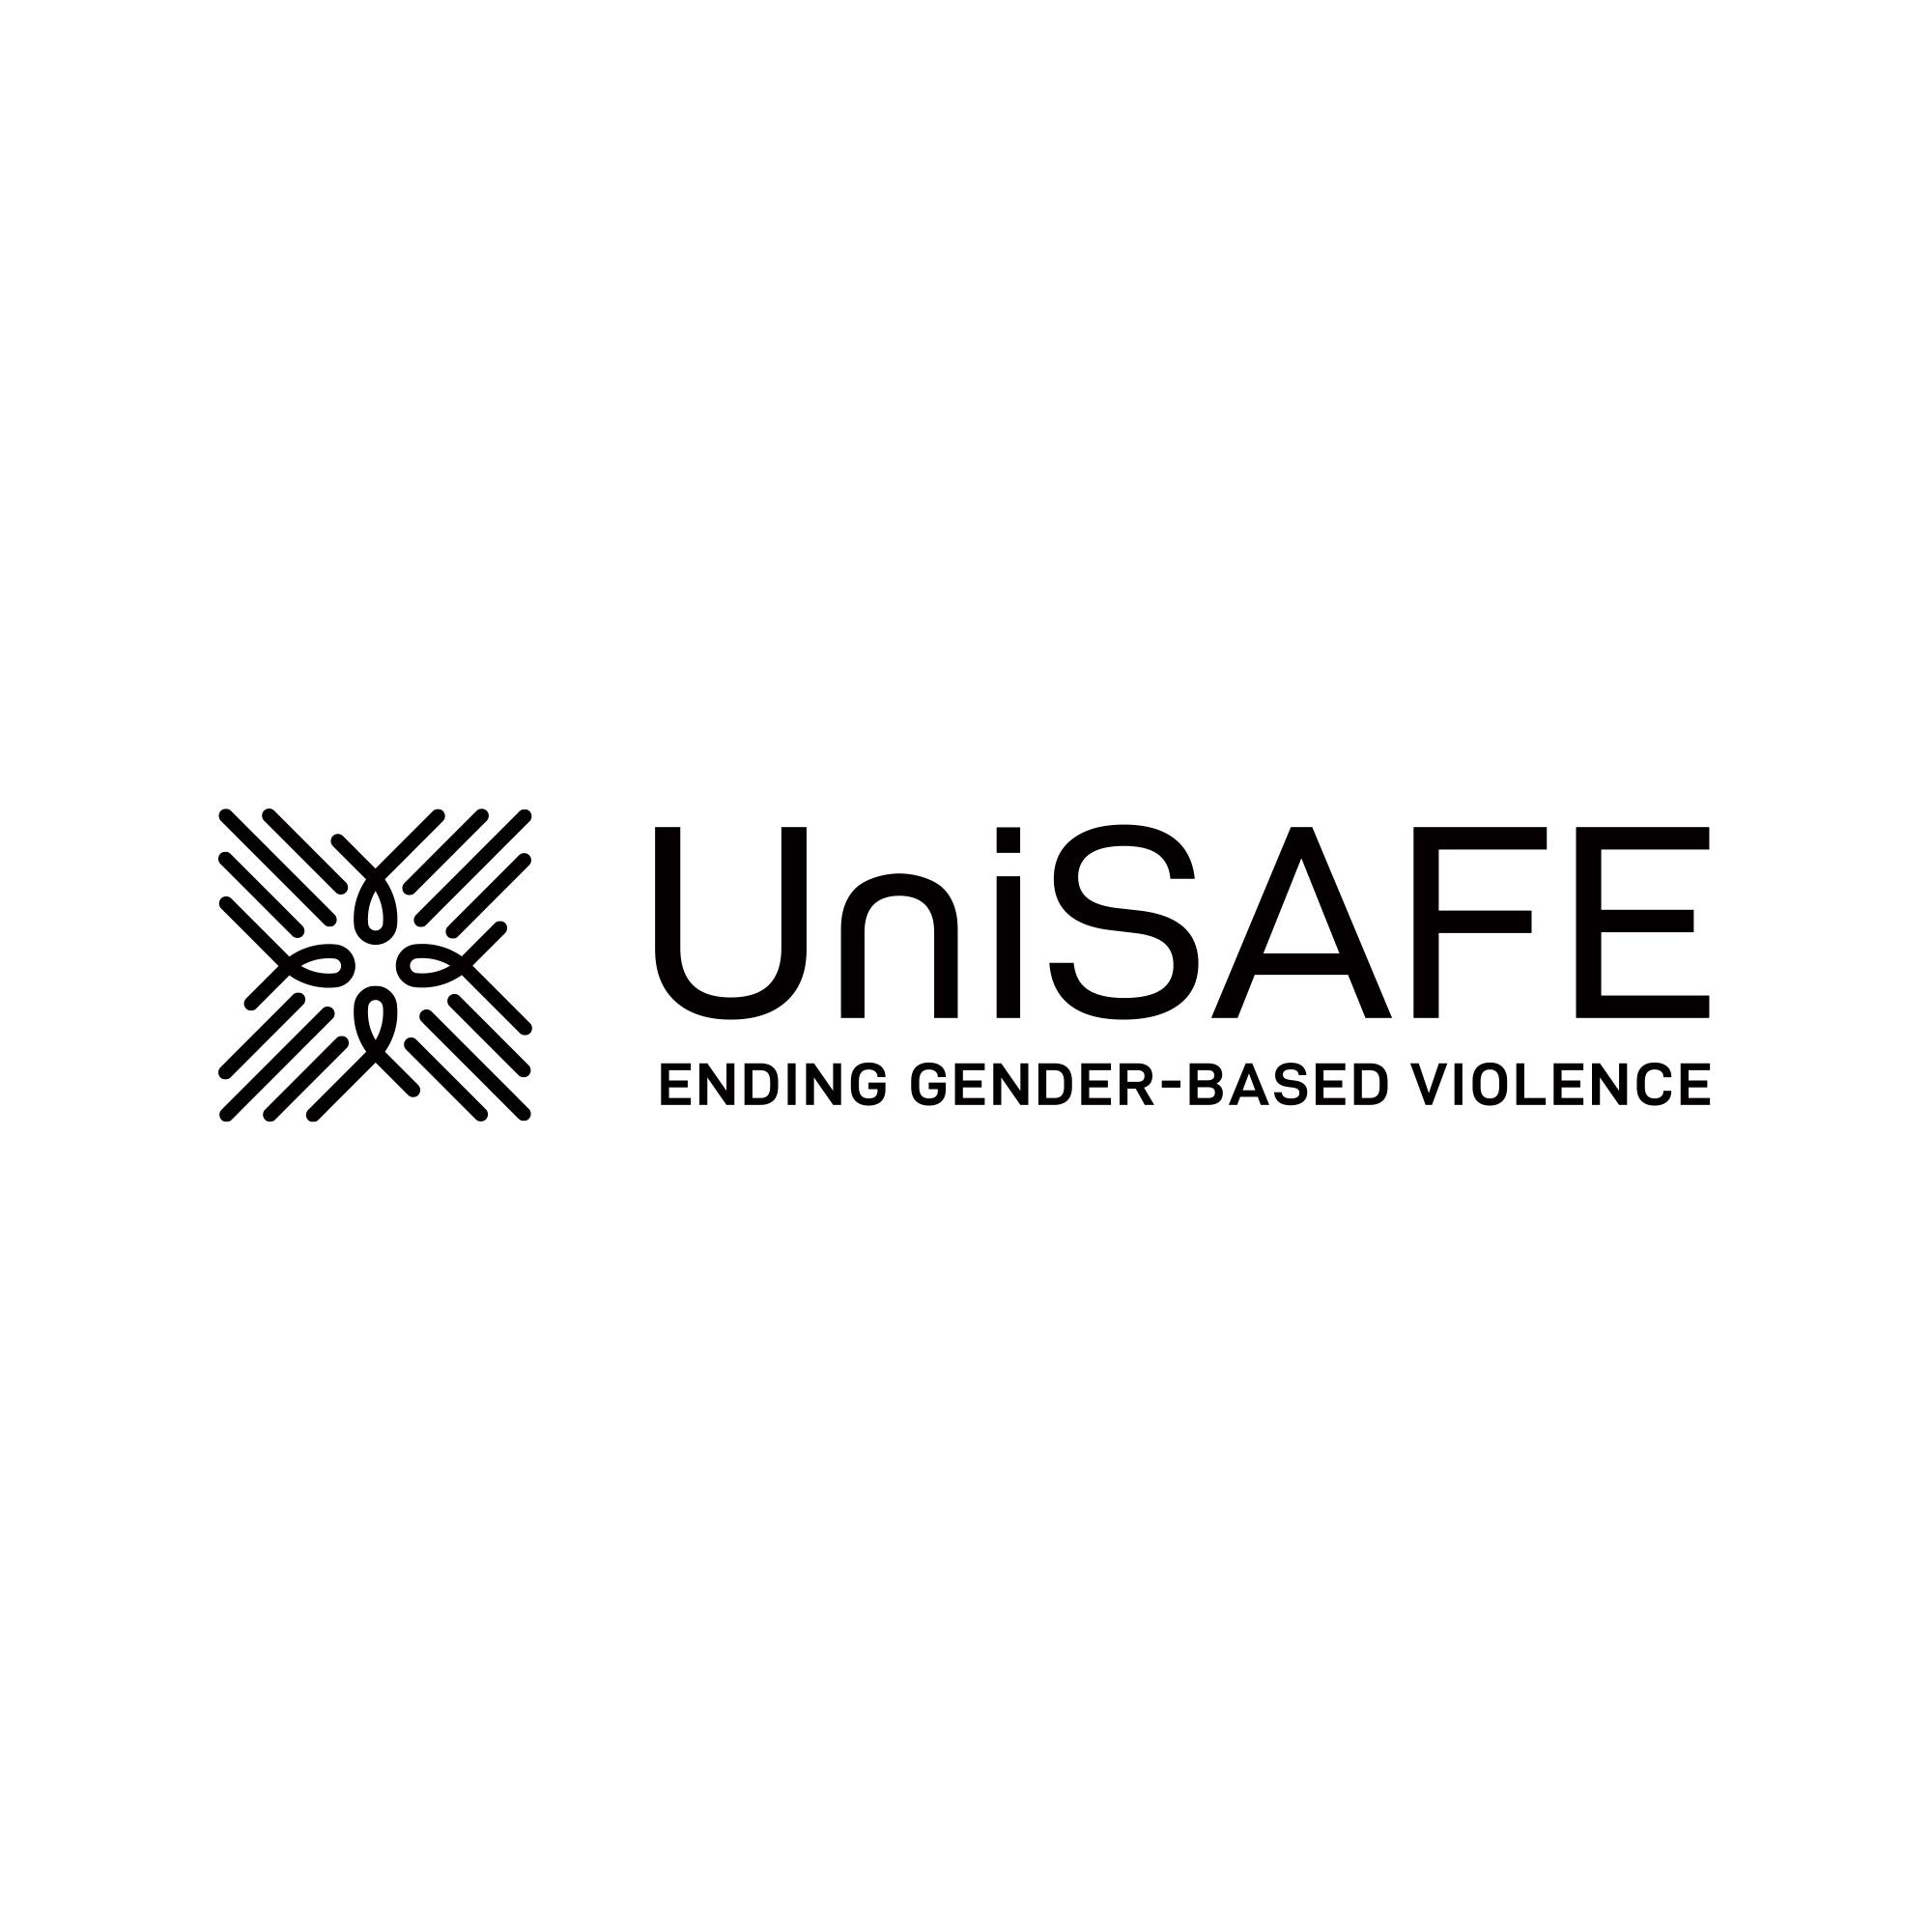 UniSAFE-LOGO-black